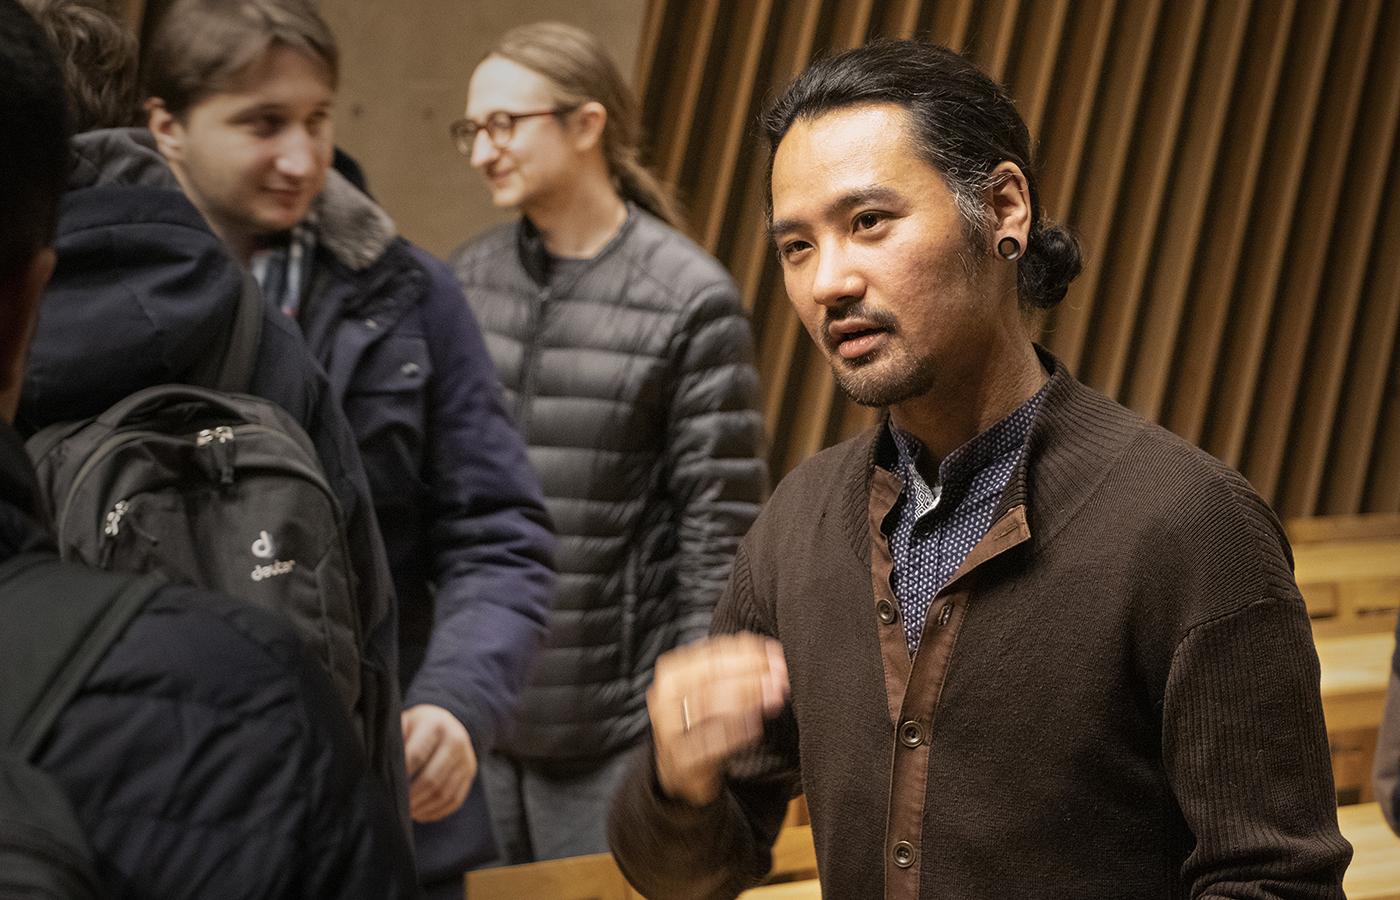 Keisuke Suzuki in discussion